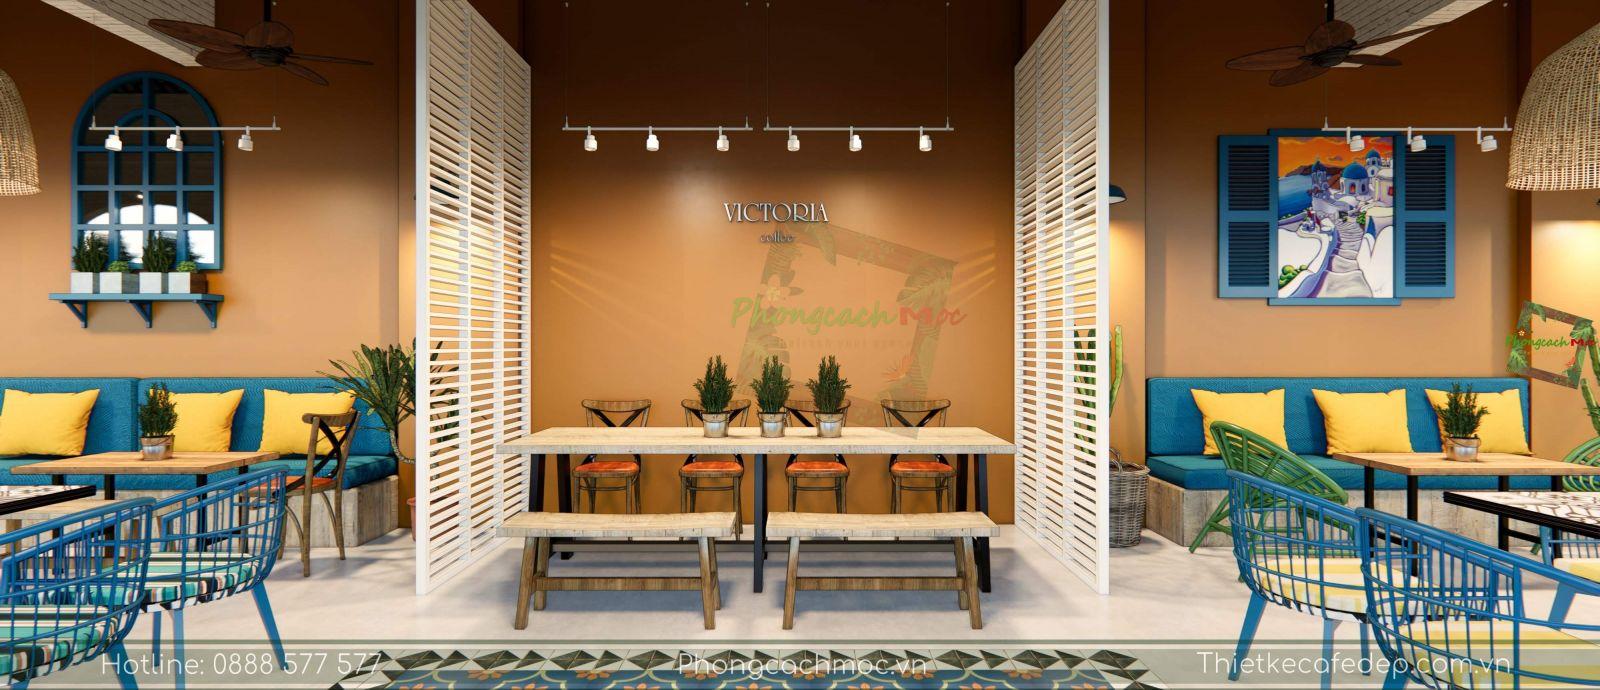 thiết kế quán cafe địa trung hải không gian phòng lạnh -2